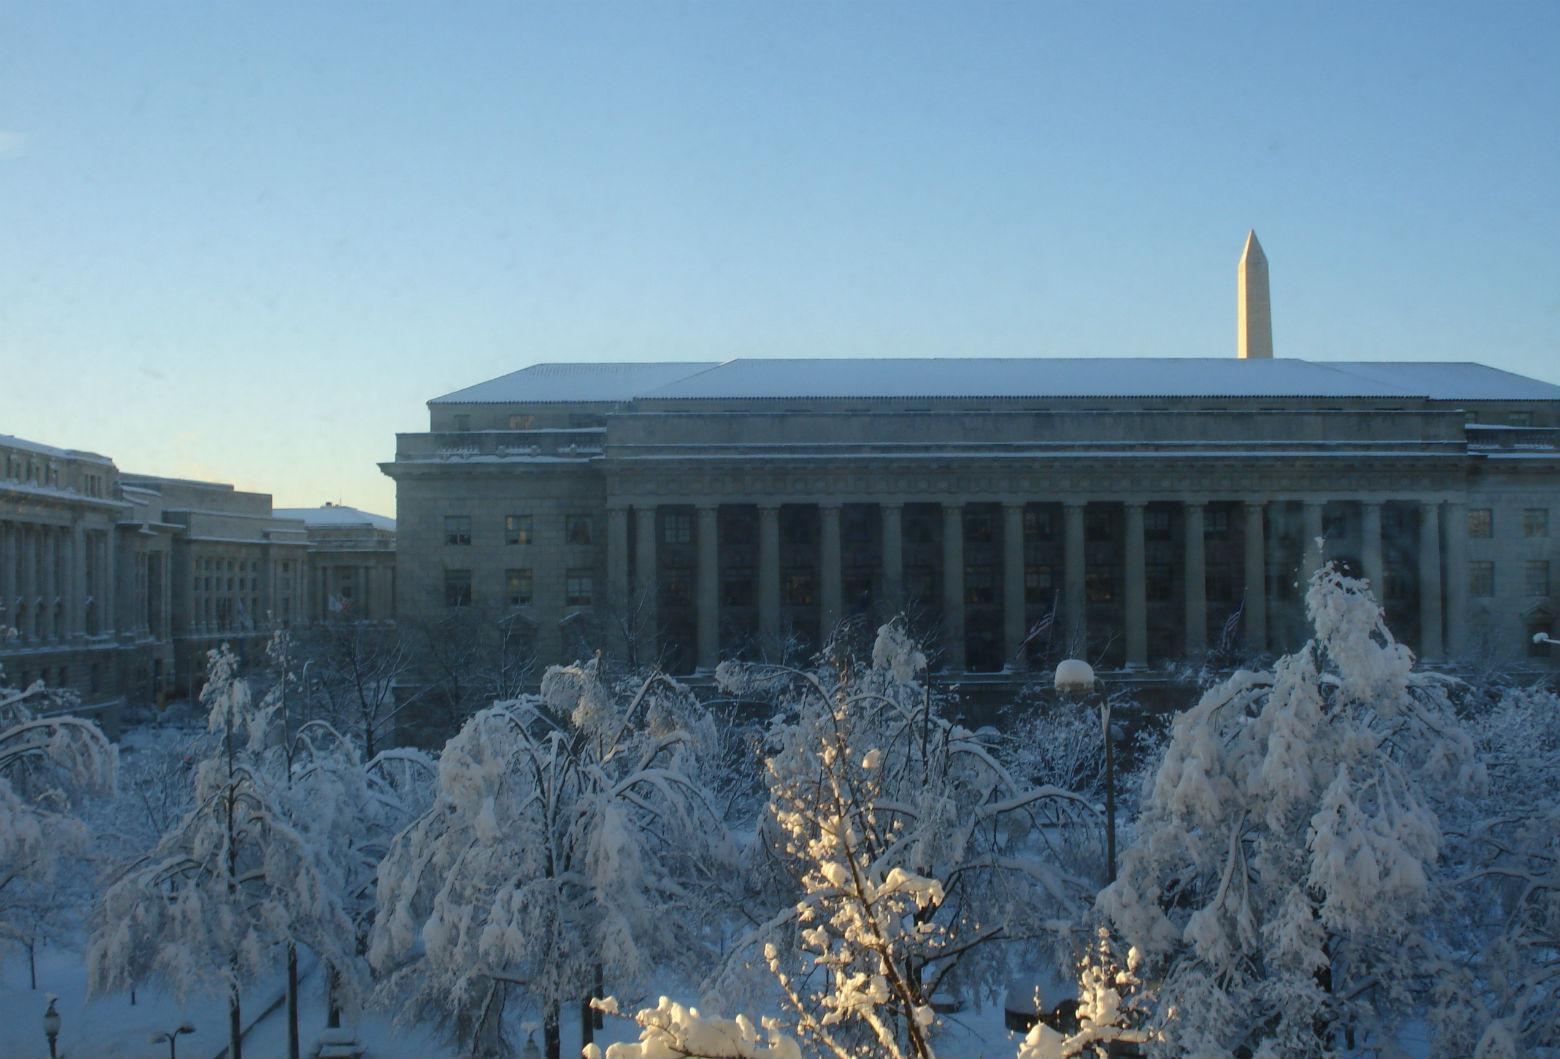 Washington, D.C. Photo courtesy of author